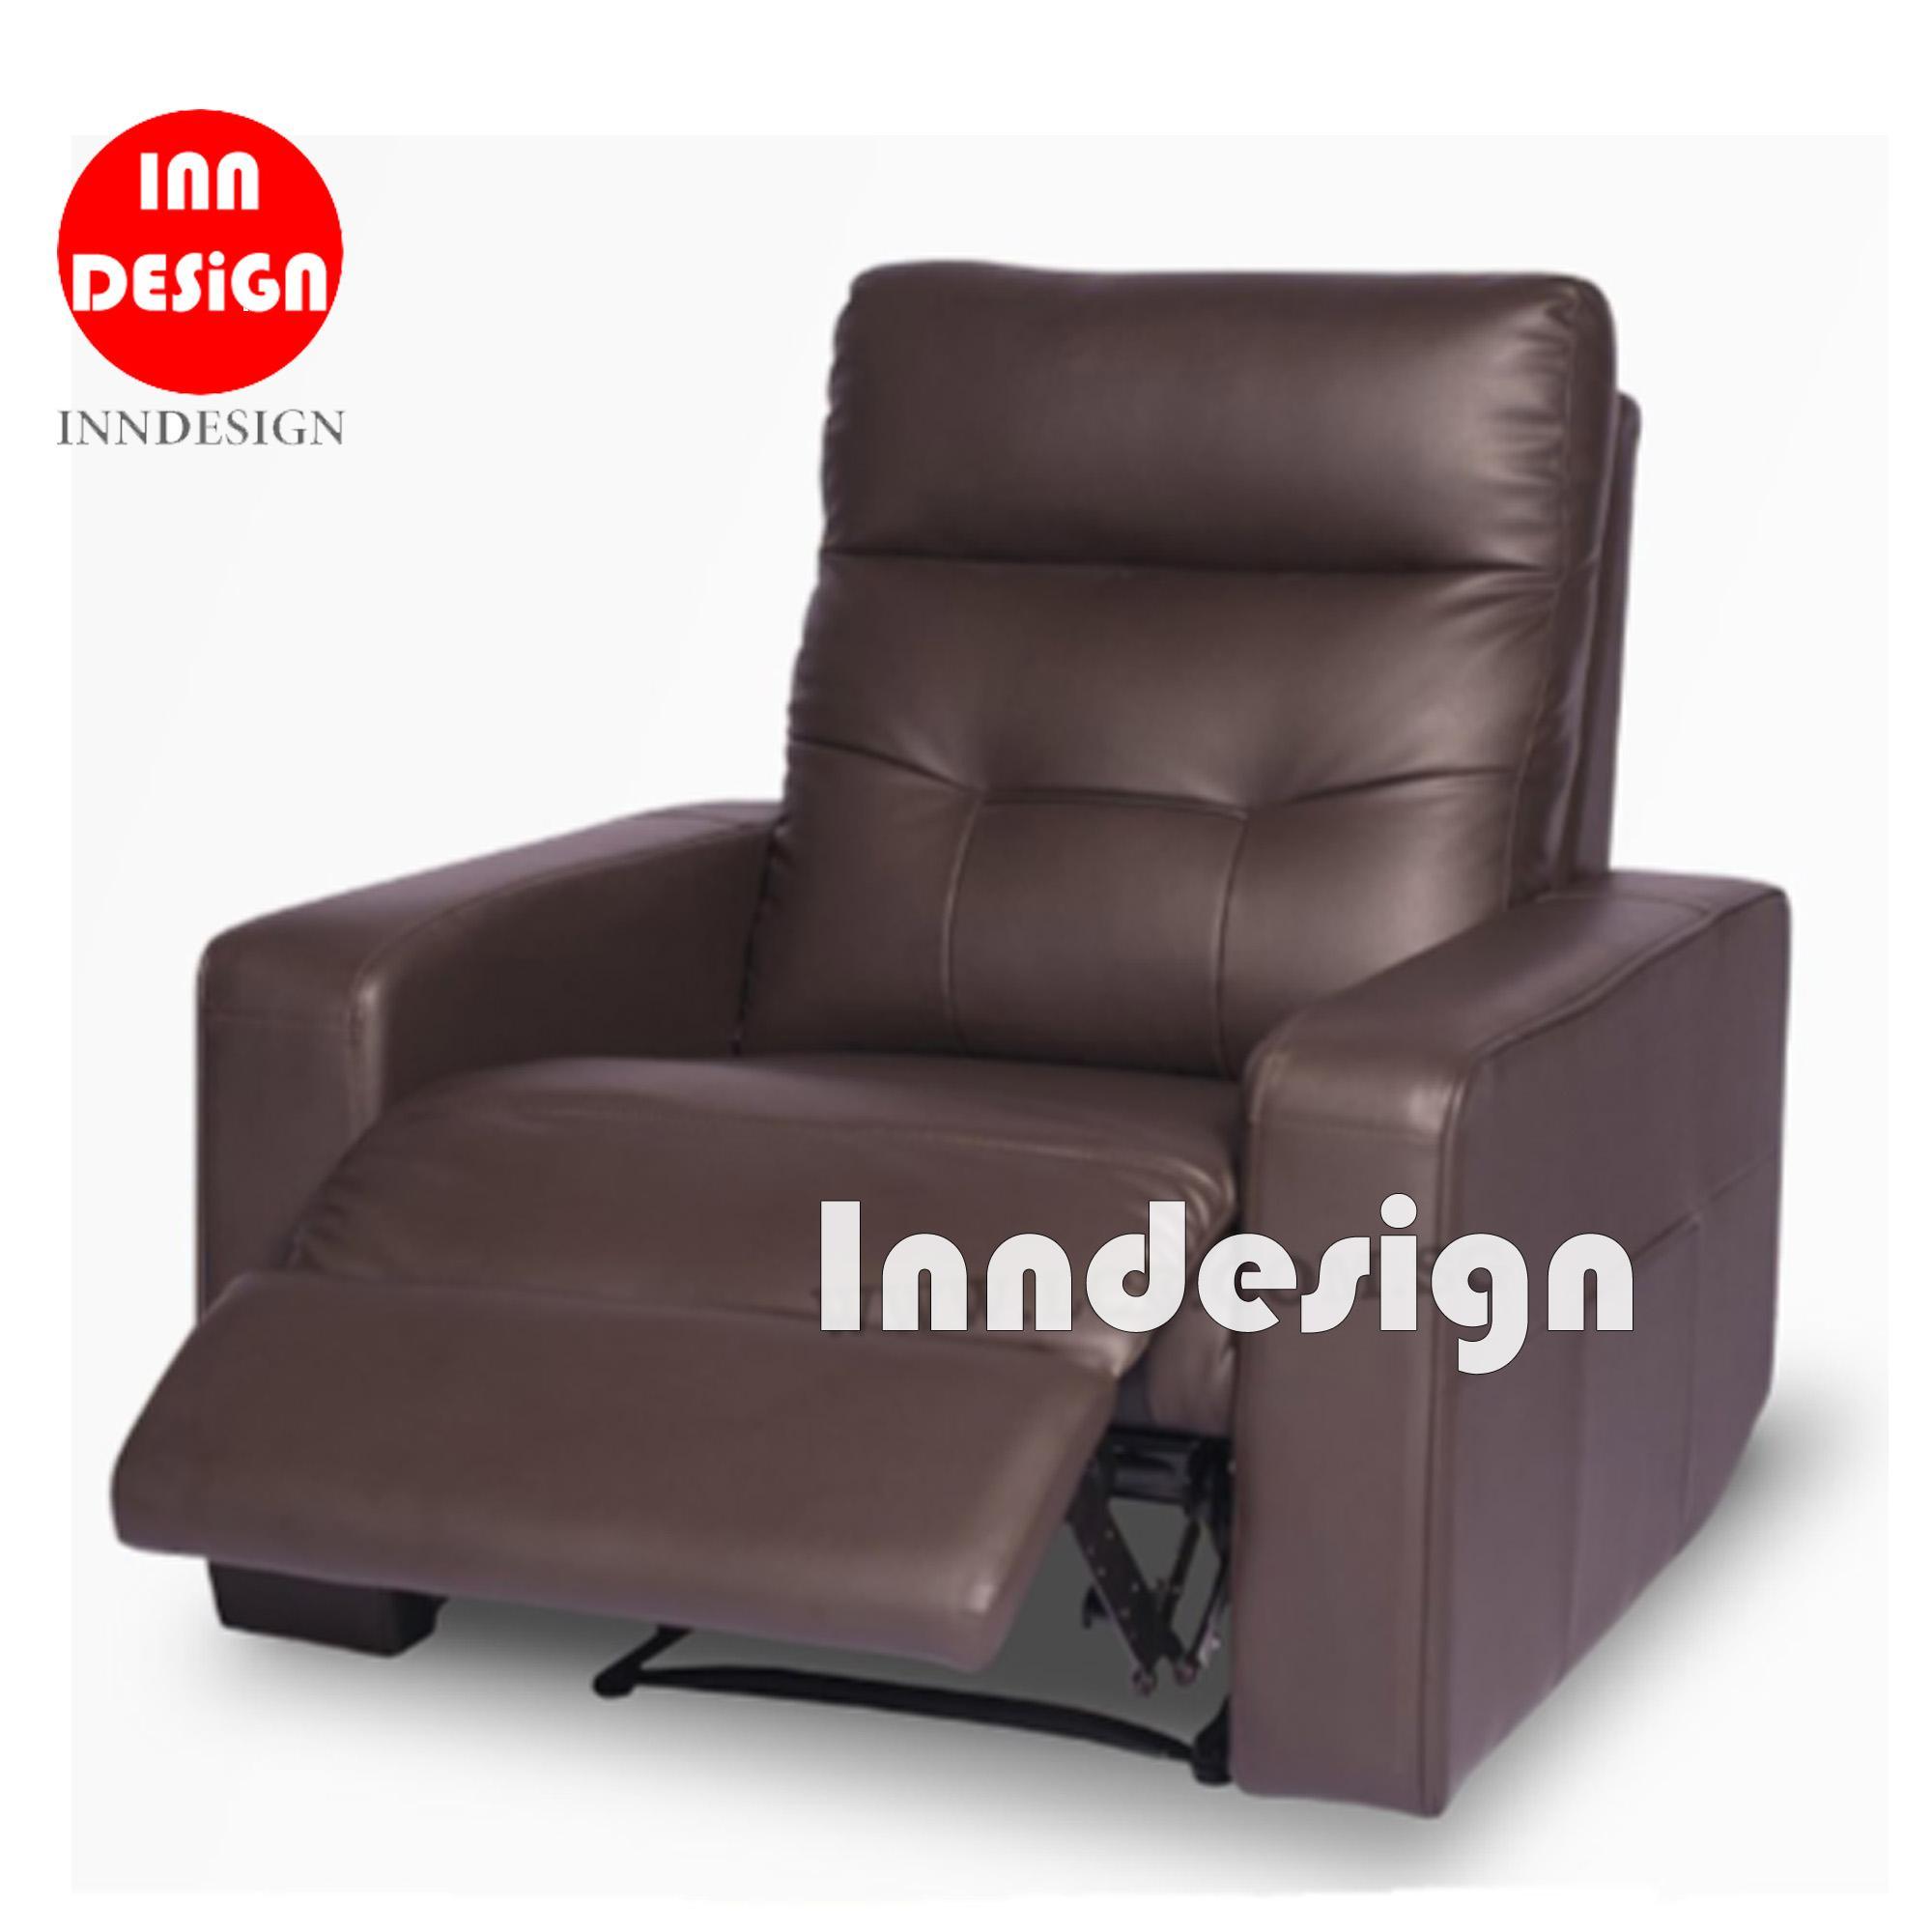 Delli 1 Seater Recliner Sofa